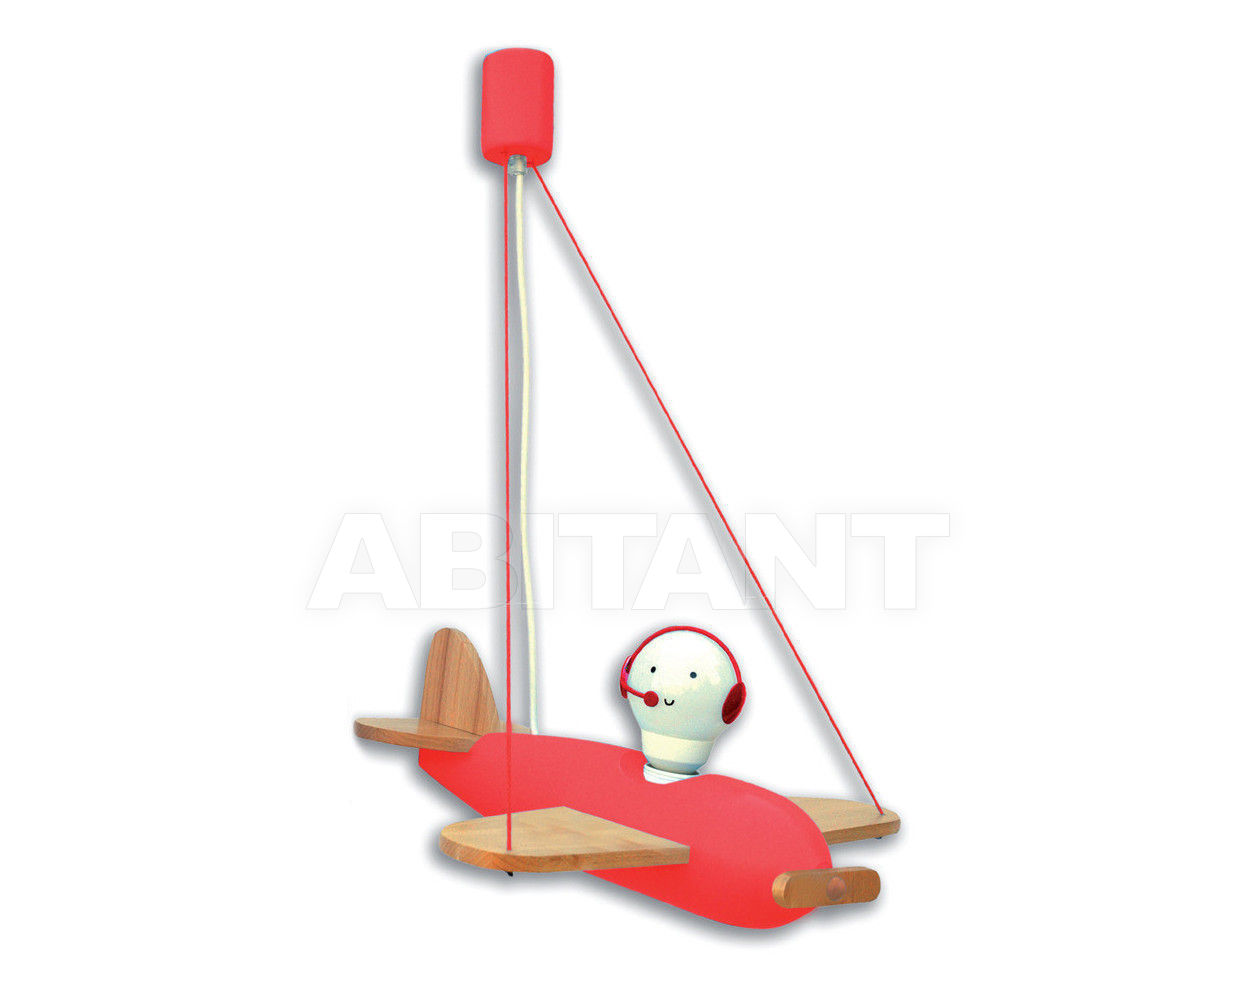 Купить Светильник для детской  Flugzeug Piccolo Waldi Leuchten Lampen Fur Kinder 2012 90152.2 rot